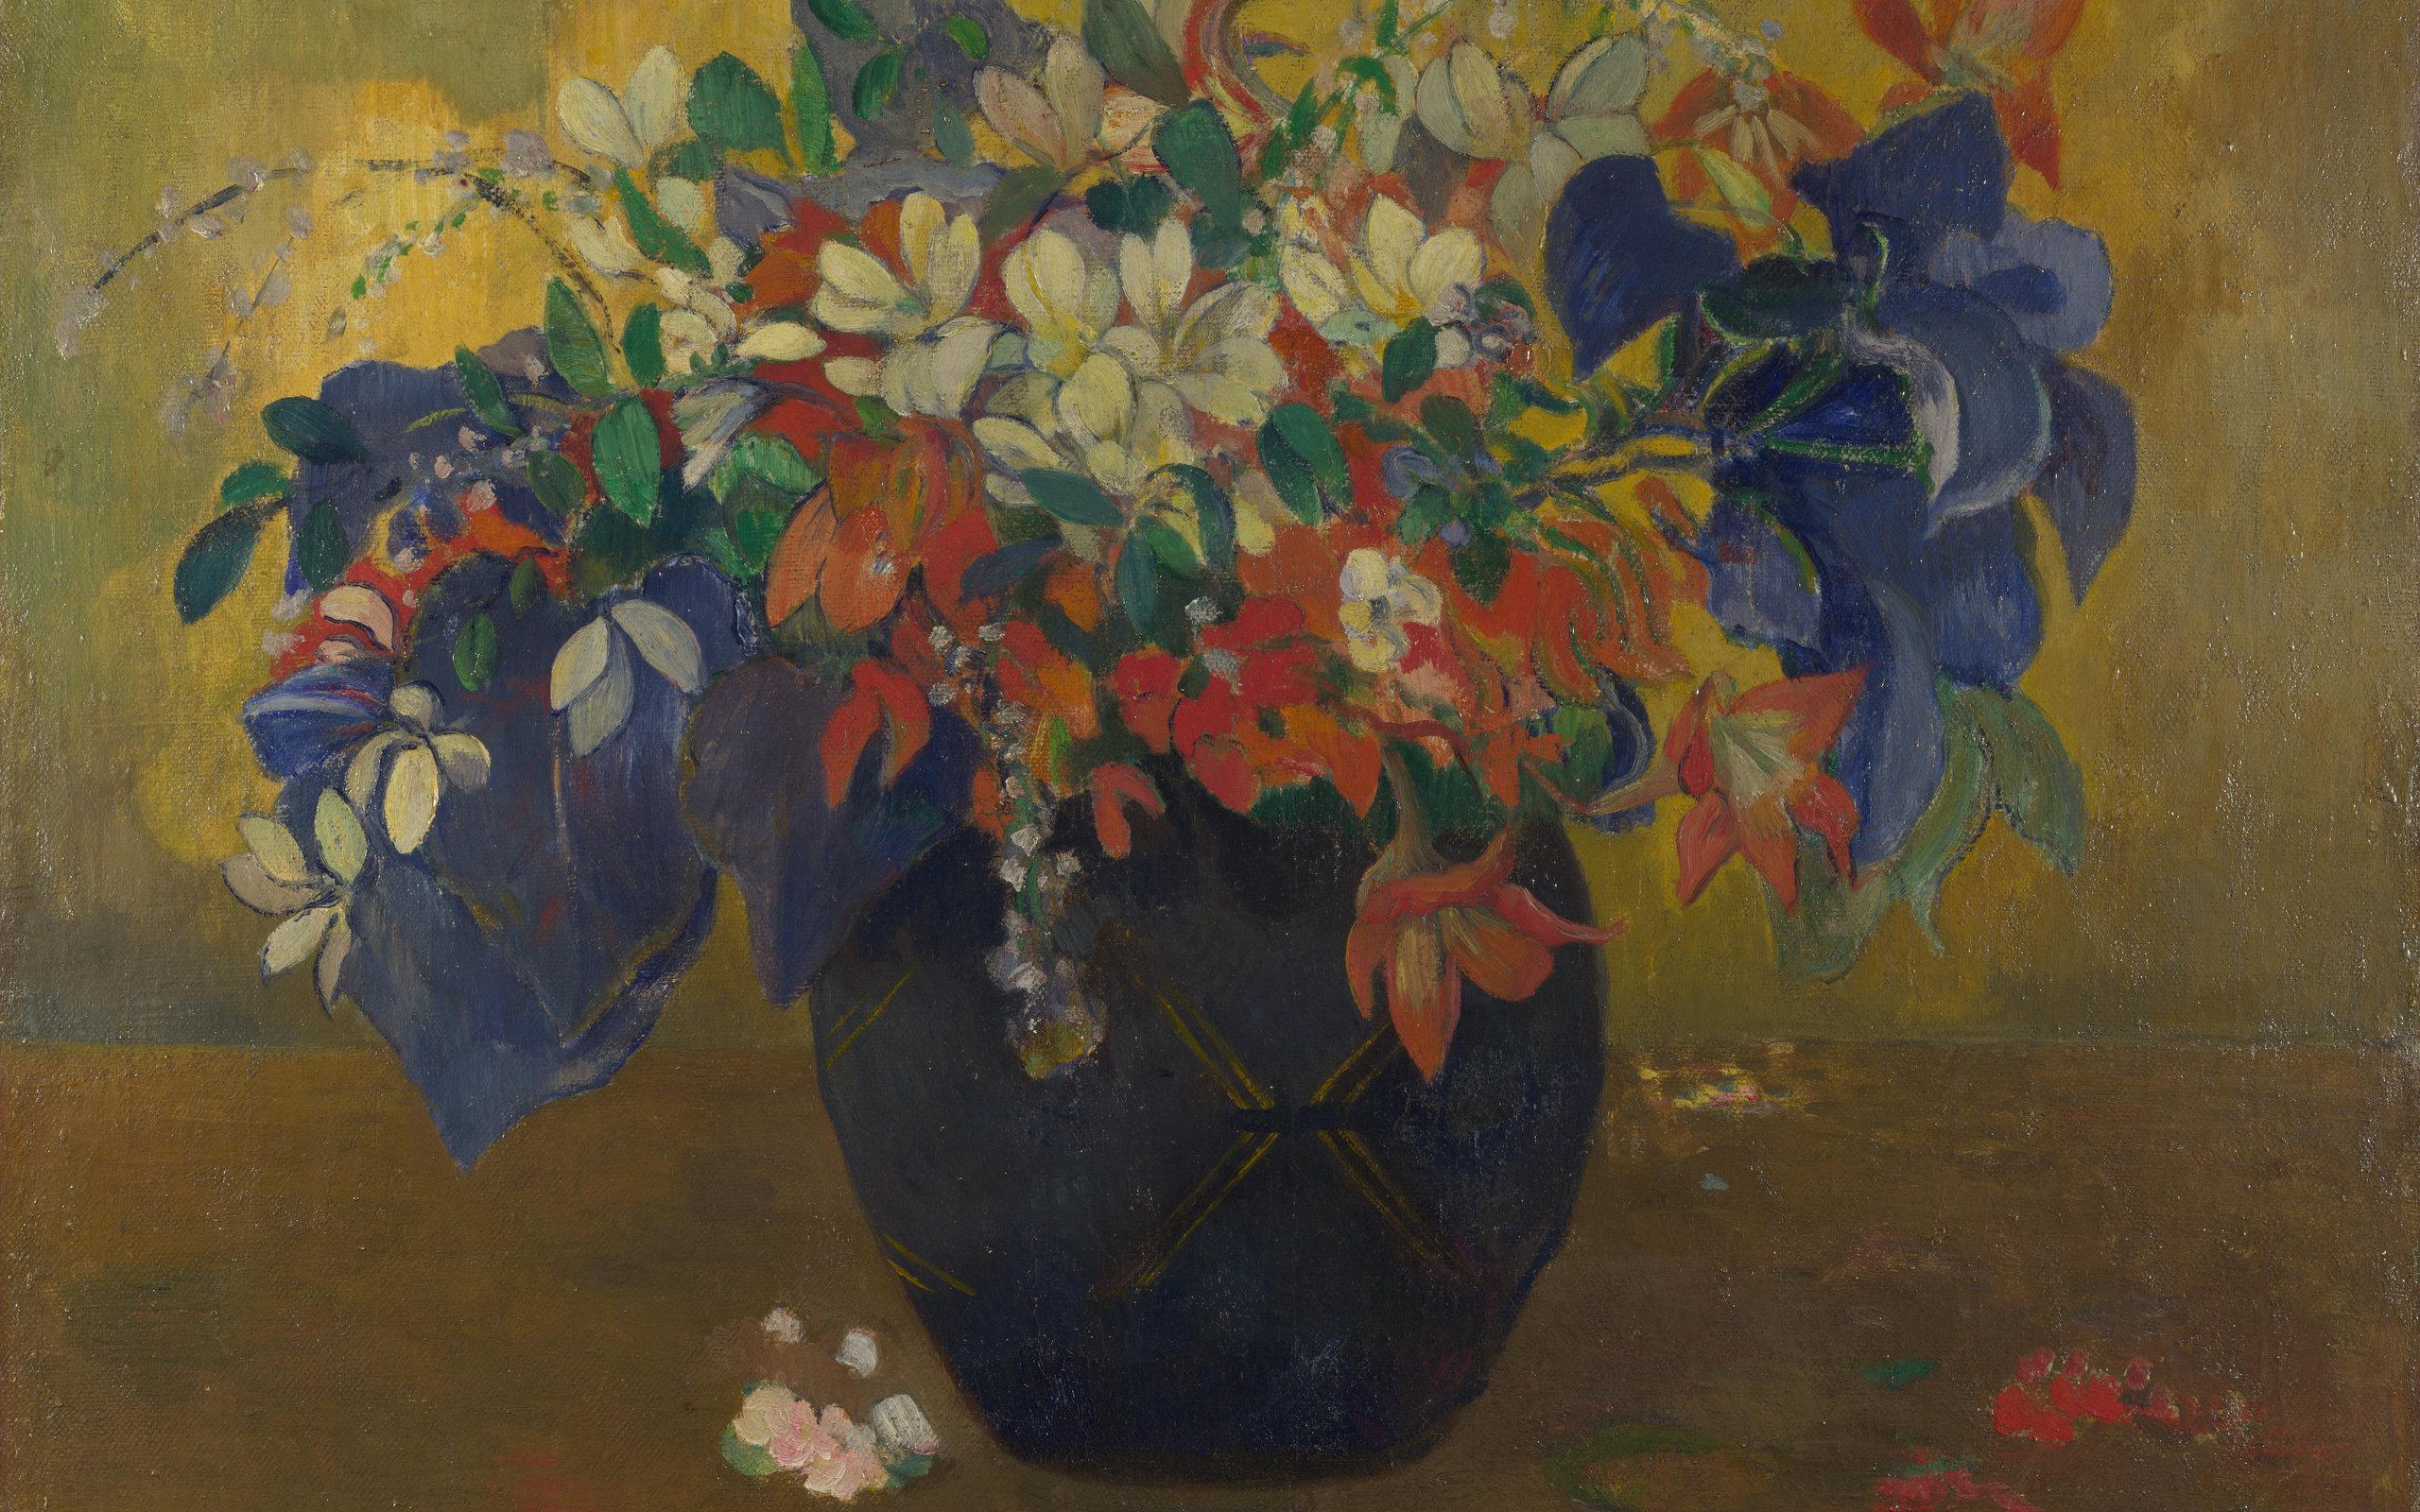 картина < Букет цветов > :: Поль Гоген - Гоген Поль ( Paul Gauguin ) фото